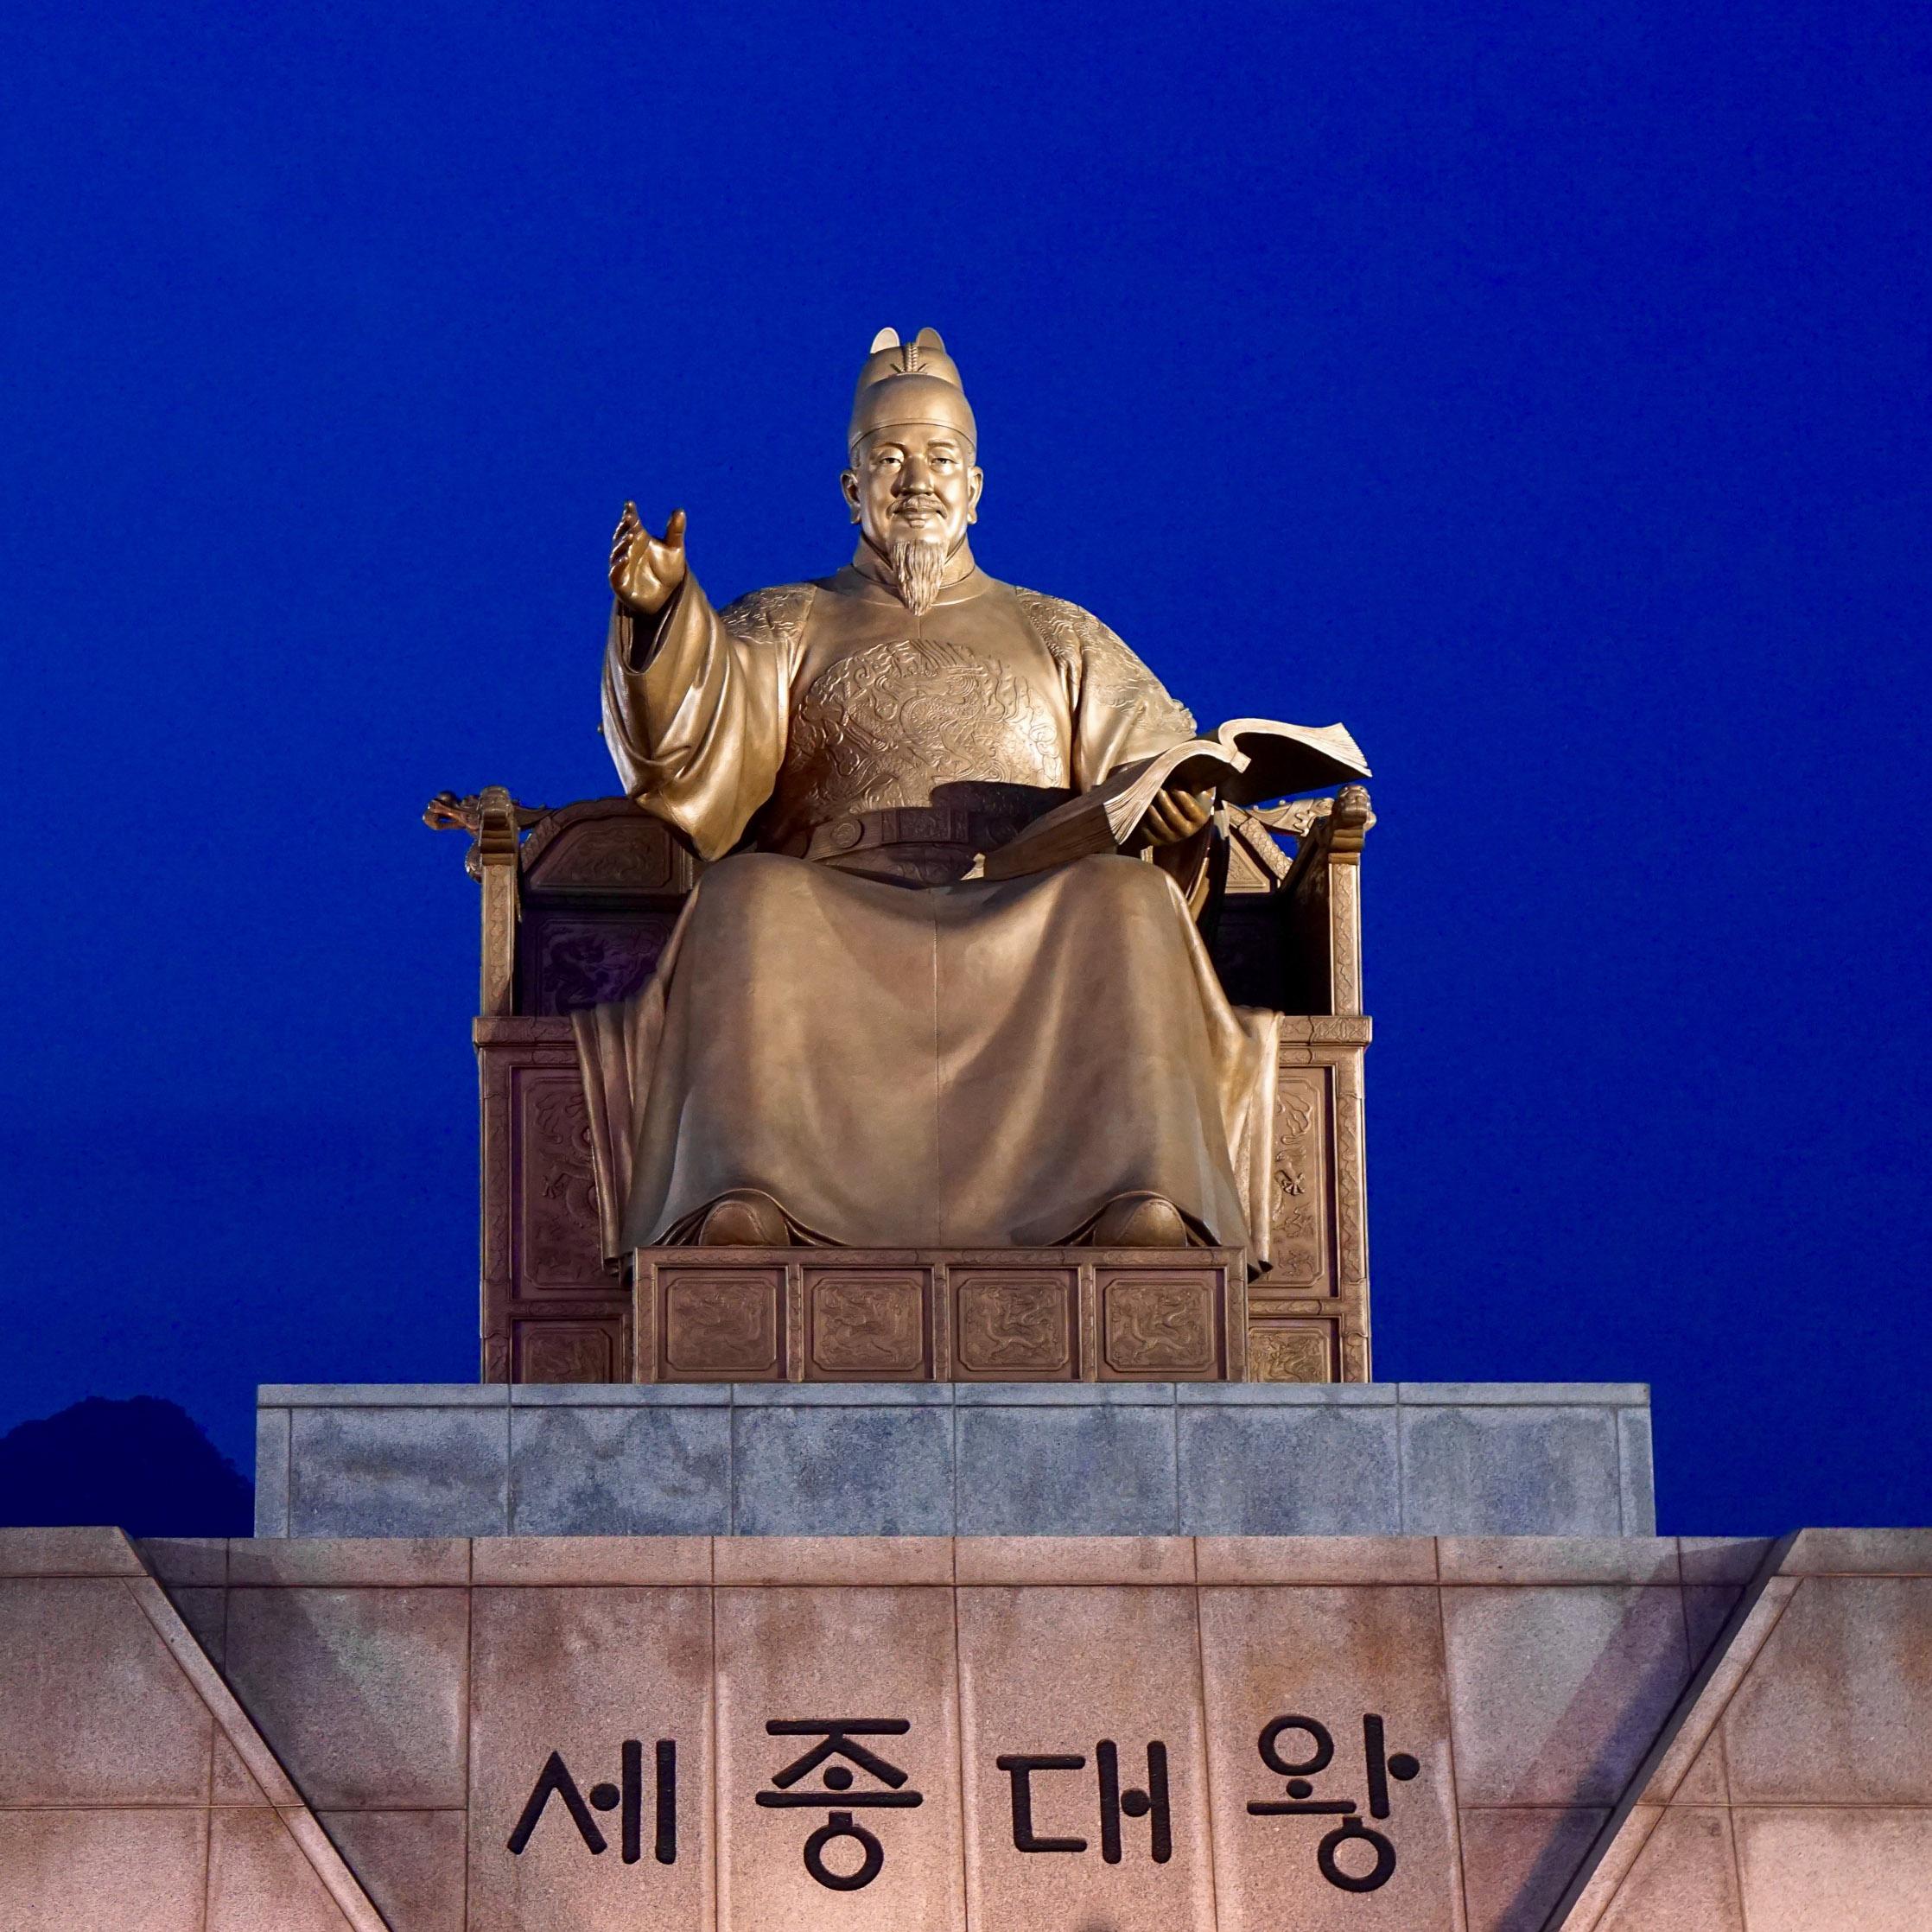 South Korea - Seoul, Gyongju, Namhae, Busan, PyeongChang, Gangwon